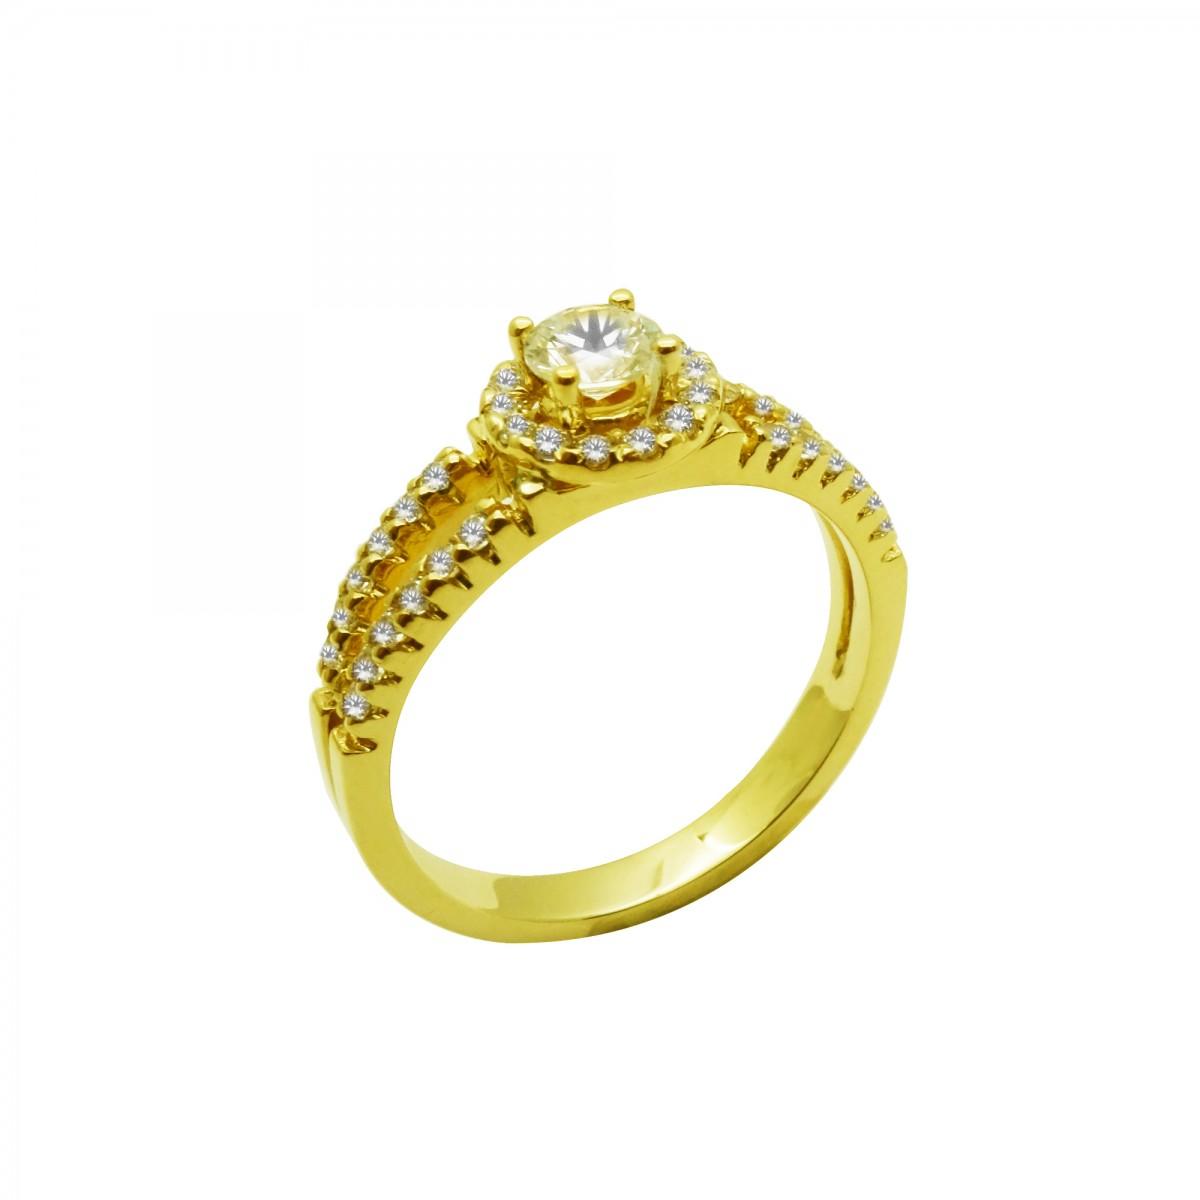 Μονόπετρο δαχτυλίδι χρυσό 14 καράτια με ζιργκόν - 238€ 87c80b9d1ac